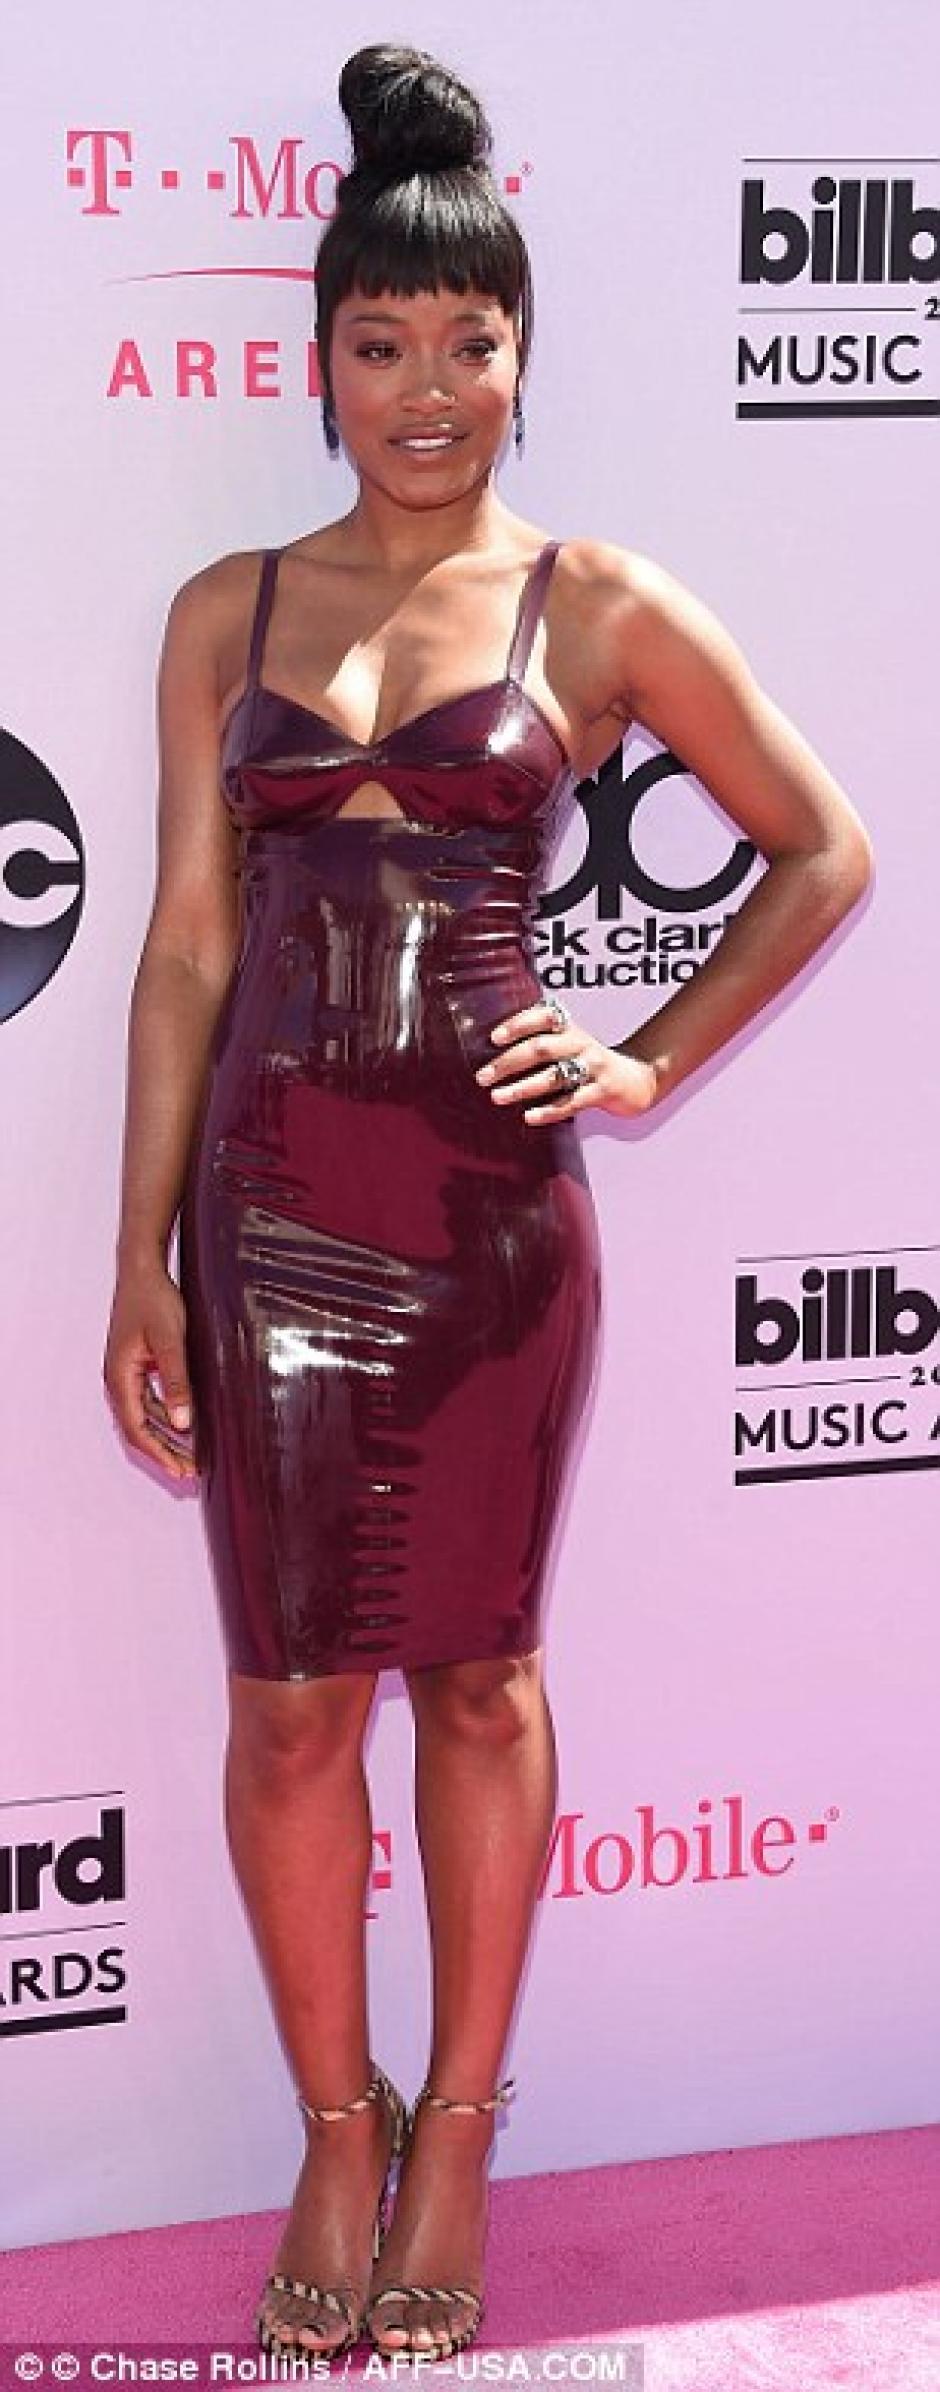 Keke Palmer eligió un sexy vestido de látex que atrapó miradas. (foto: Chase Rollins/AFF-USA.COM)